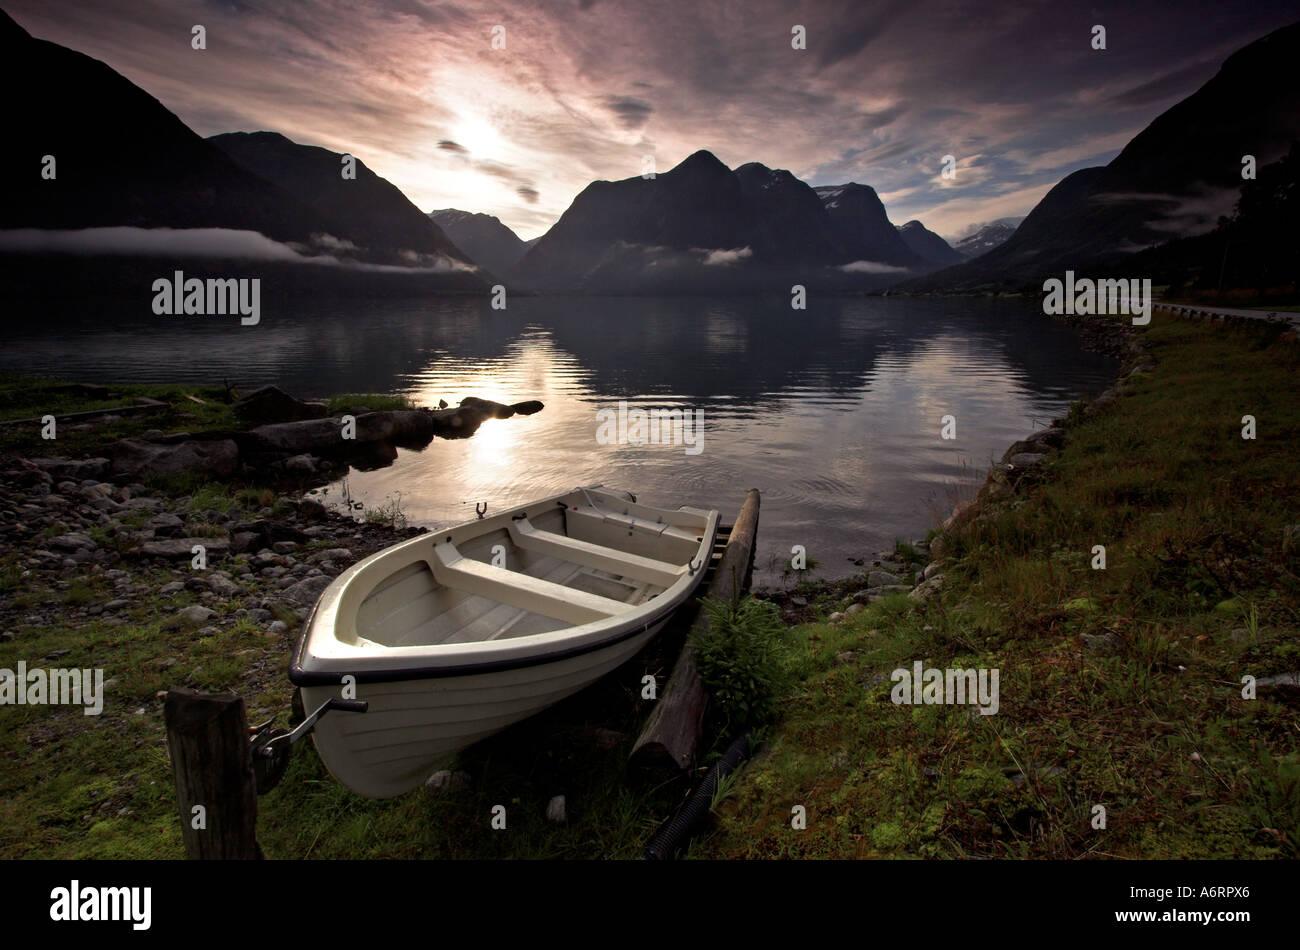 Pequeños barcos amarrados a las orillas de un fiordo noruego. Bajo la nube wisps de cuelgue del Still Waters Imagen De Stock